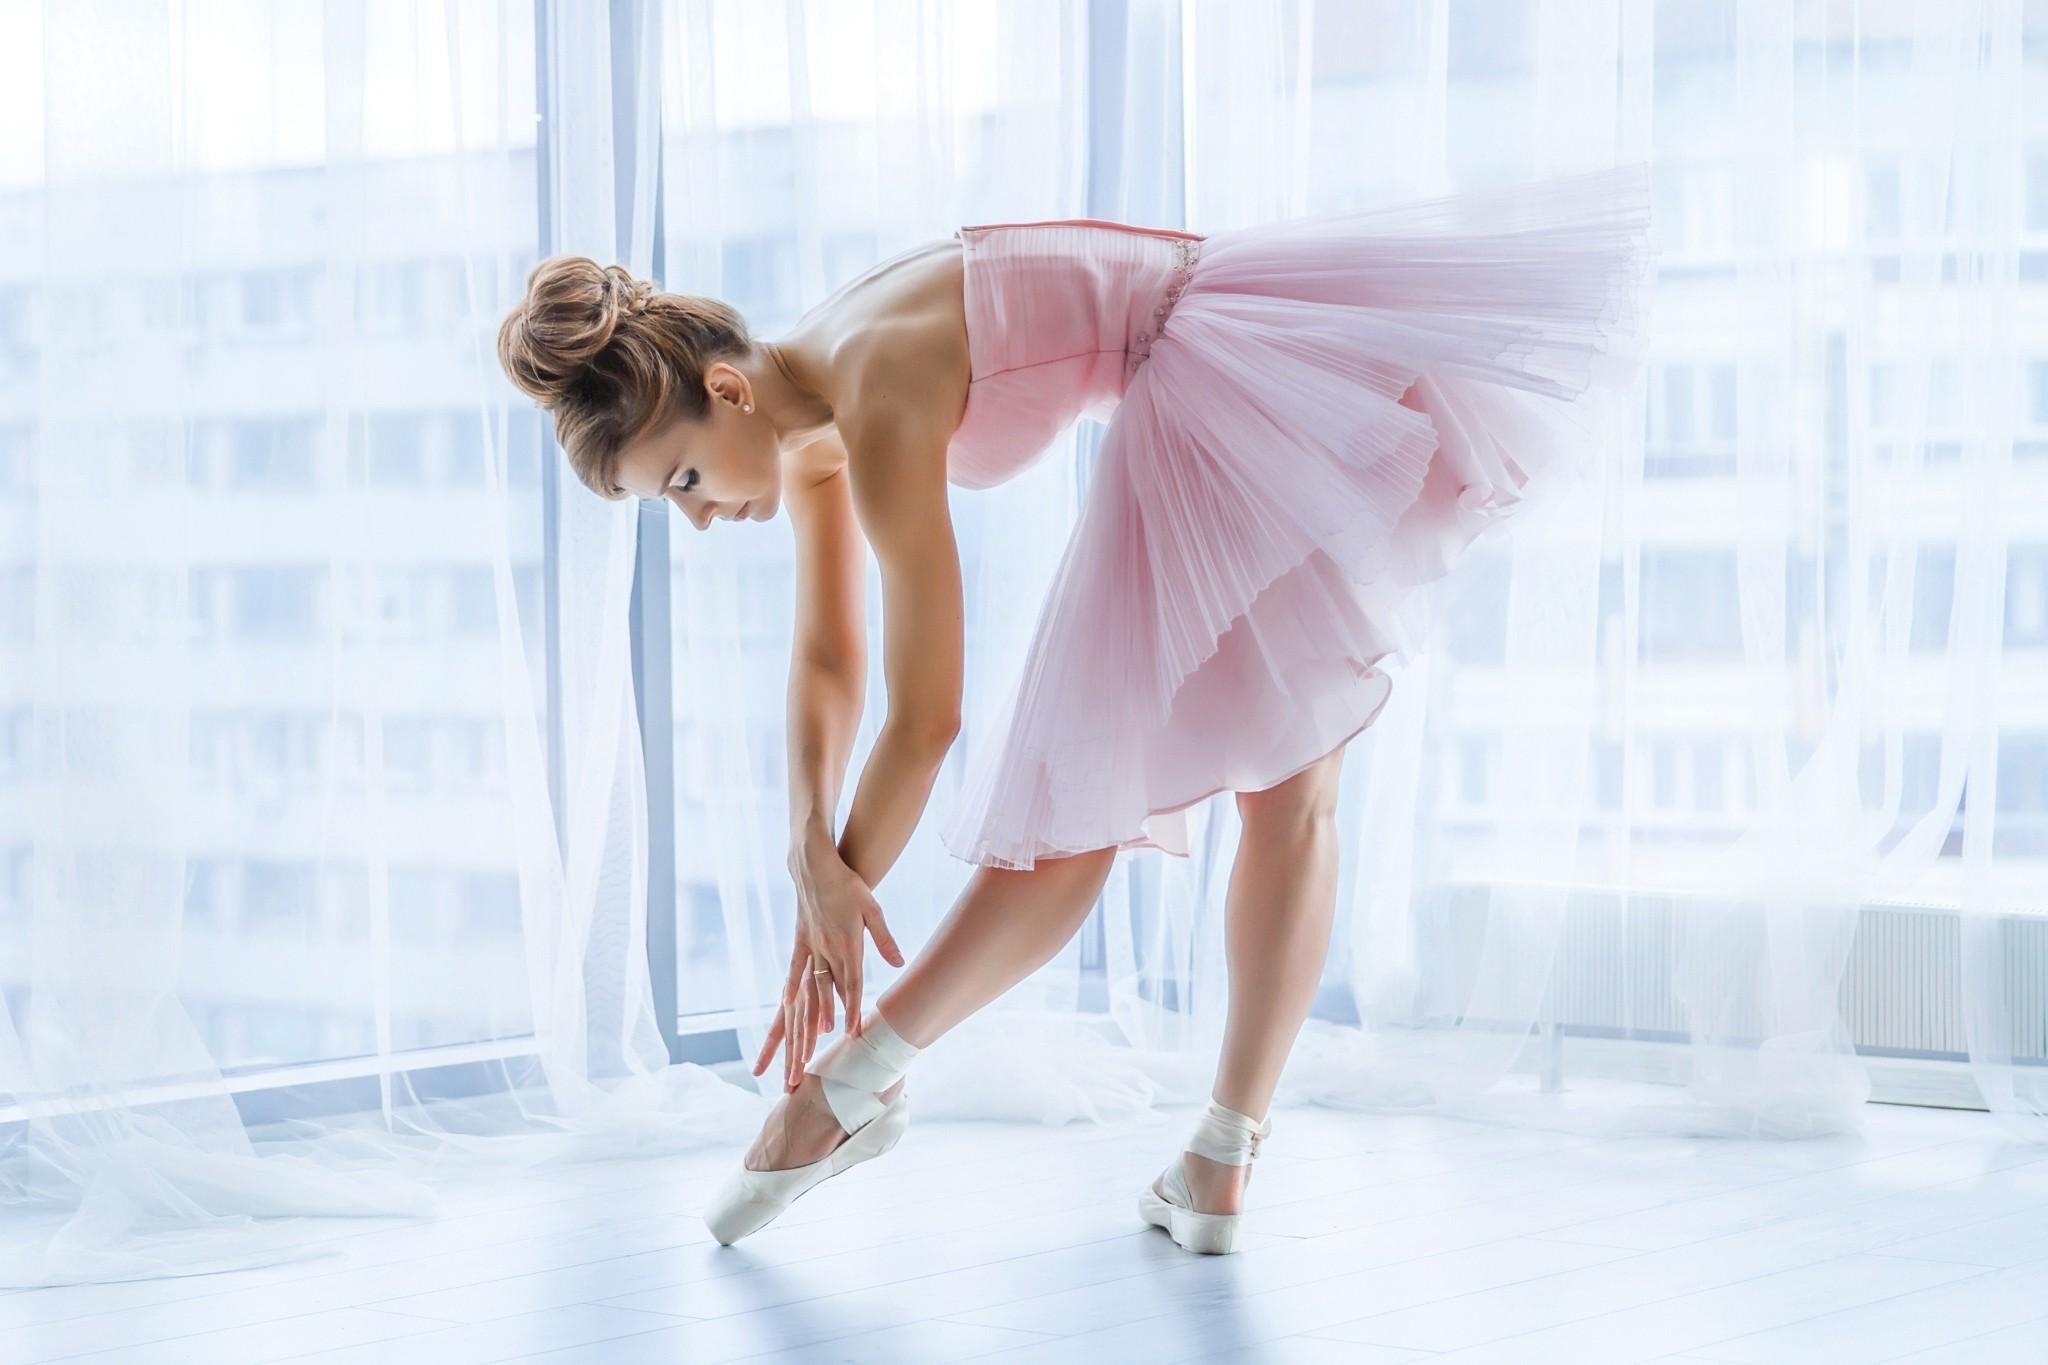 Ballerina Wallpaper 70 Pictures